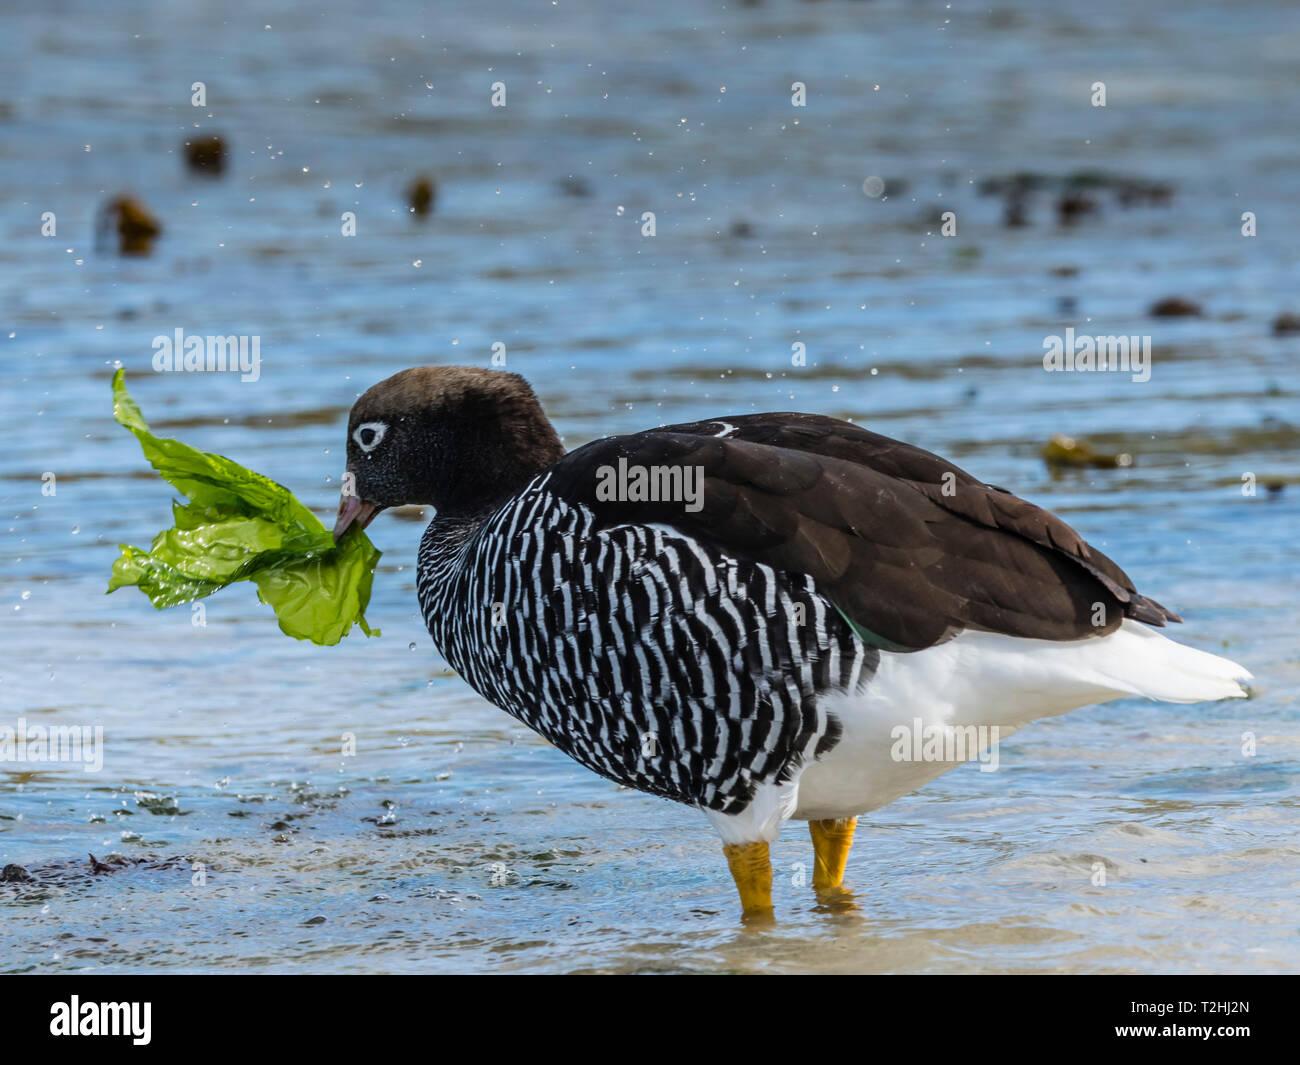 Varech femelles adultes d'oie, Chloephaga hybrida, se nourrissant d'algues à marée basse à West Point Island, Îles Falkland, Océan Atlantique Banque D'Images